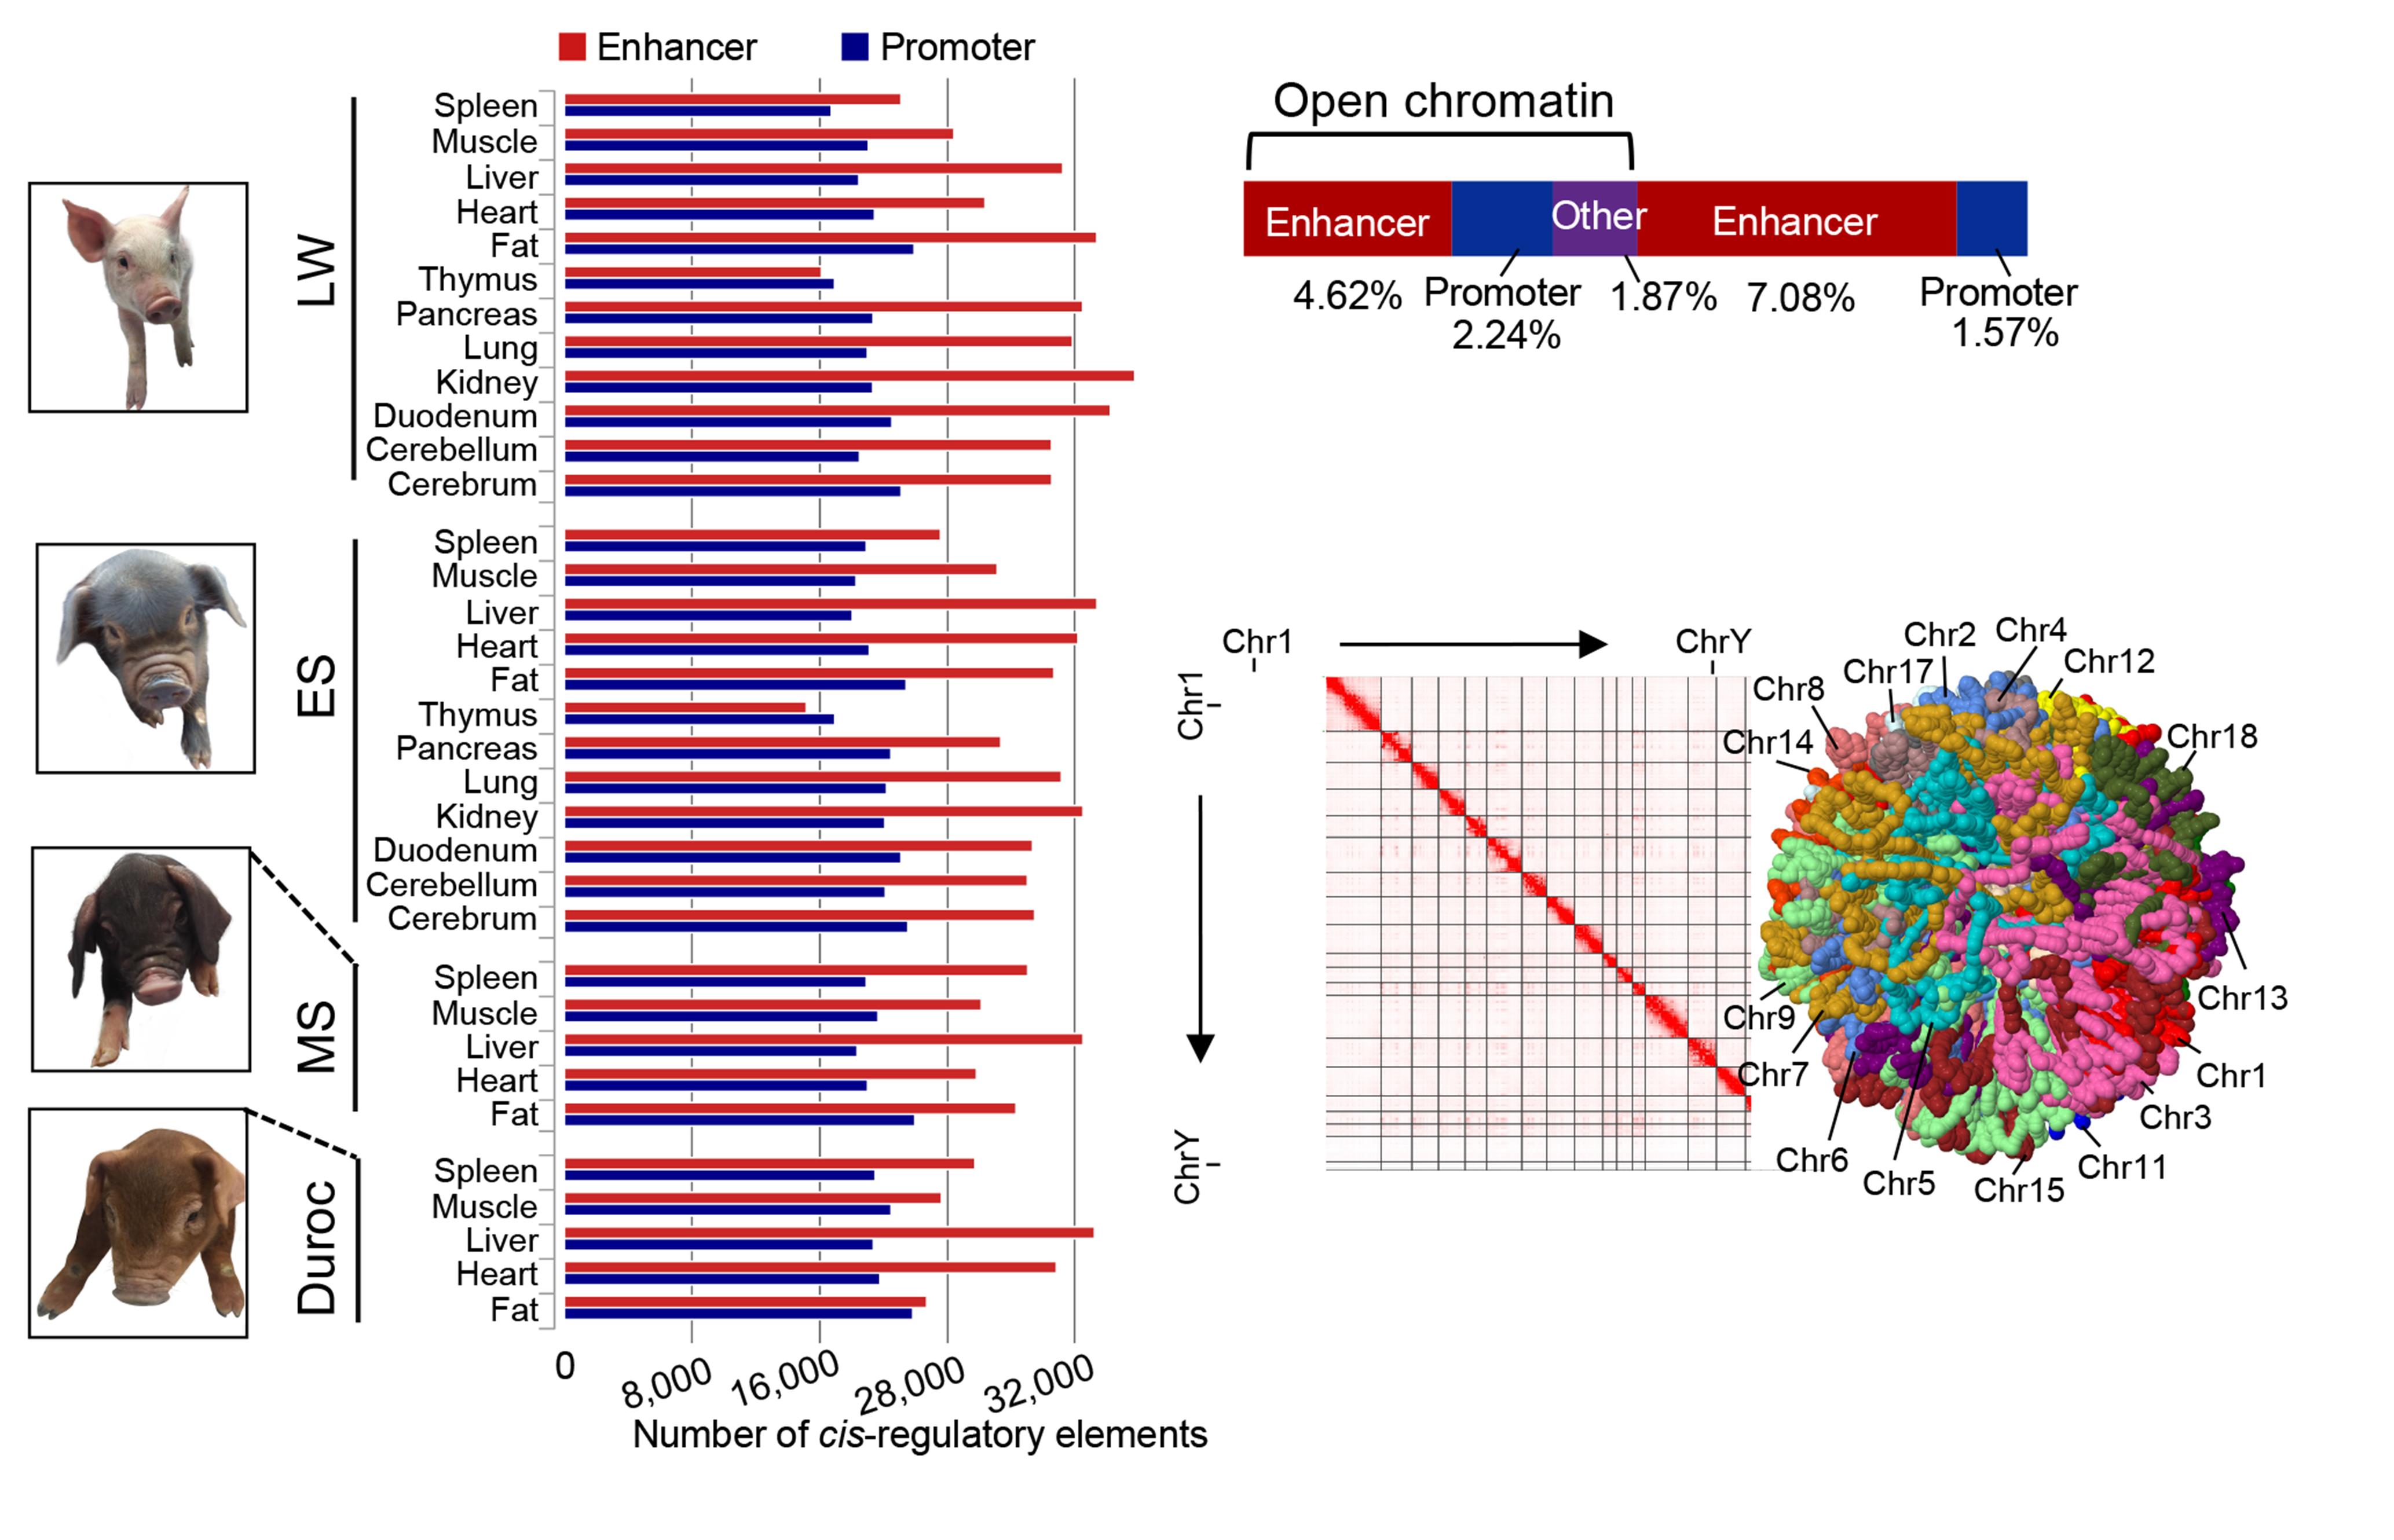 不同猪种基因组顺式调控元件和三维染色质结构